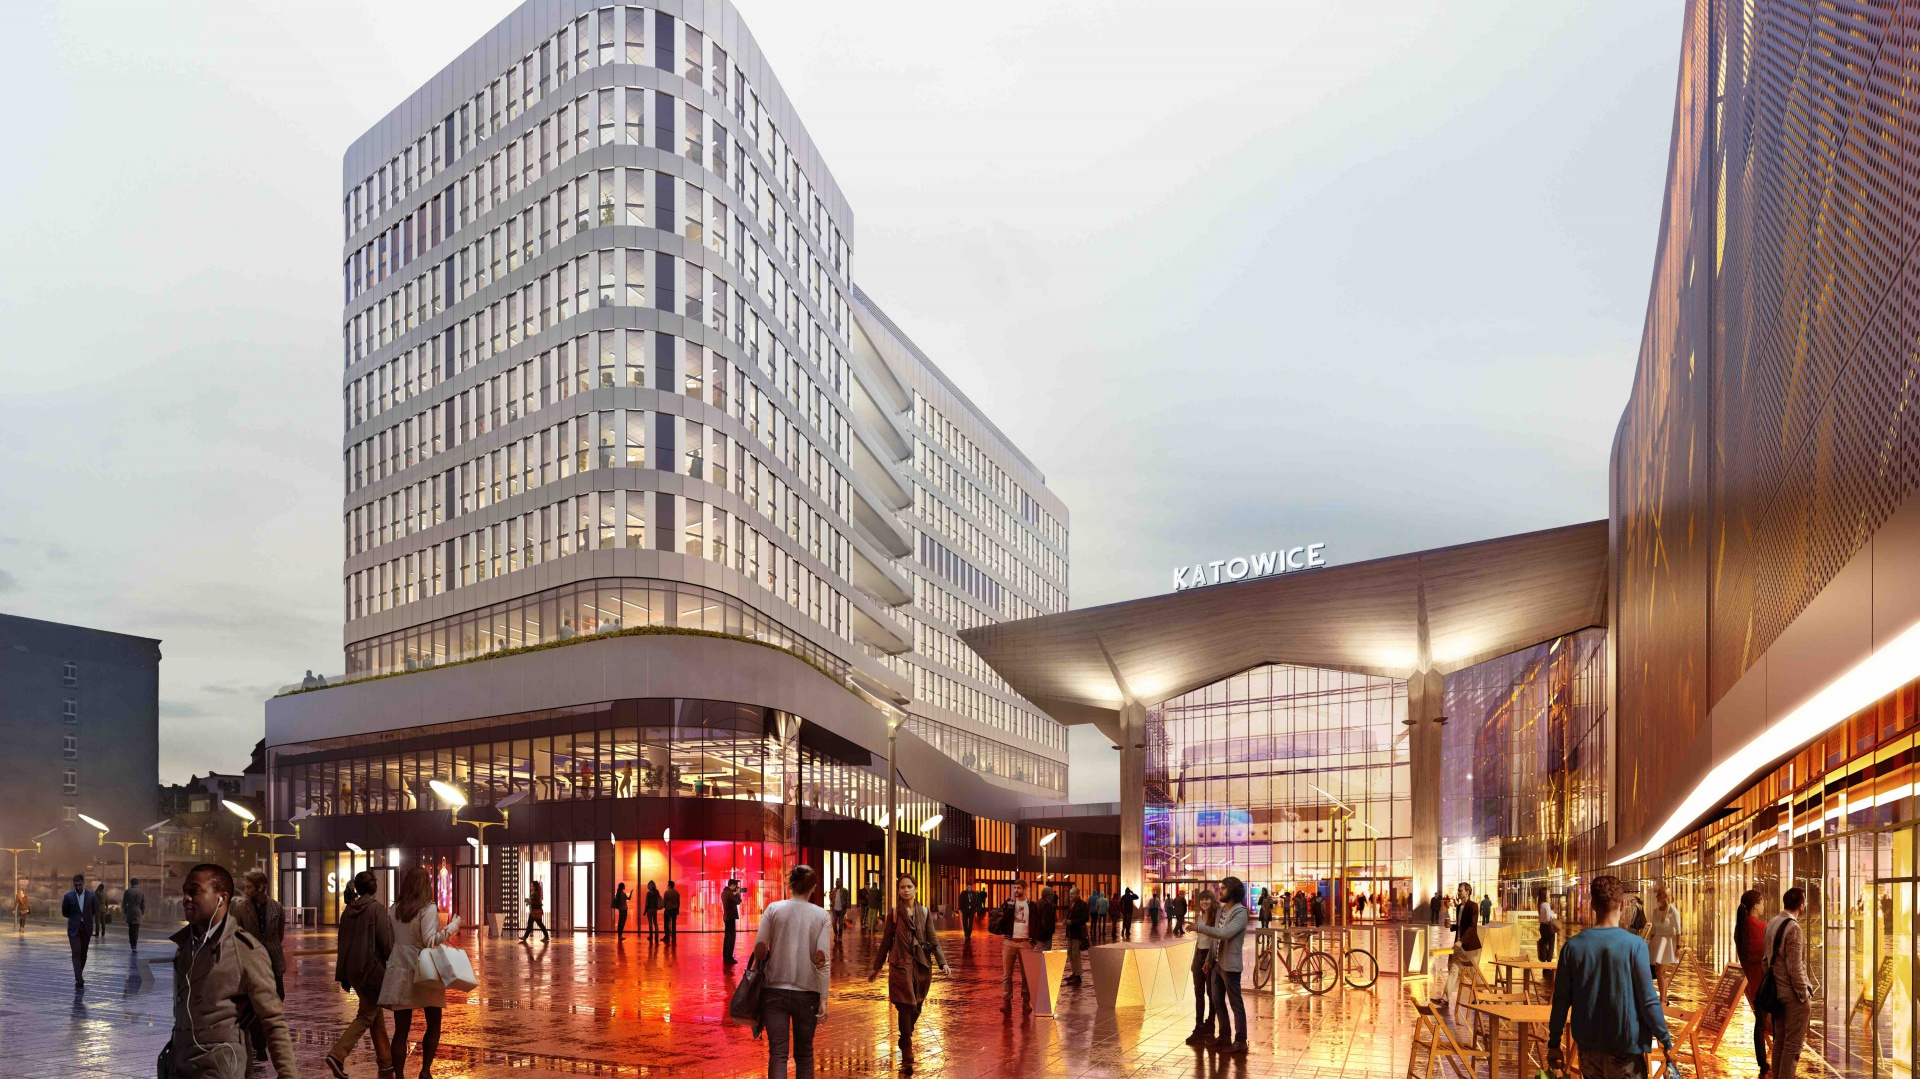 Realizacją i komercjalizacją projektu, na zlecenie londyńskiego funduszu Meyer Bergman, zajmą się partnerzy posiadający duże doświadczenie w pracy przy projektach biurowych. Fot. Materiały prasowe